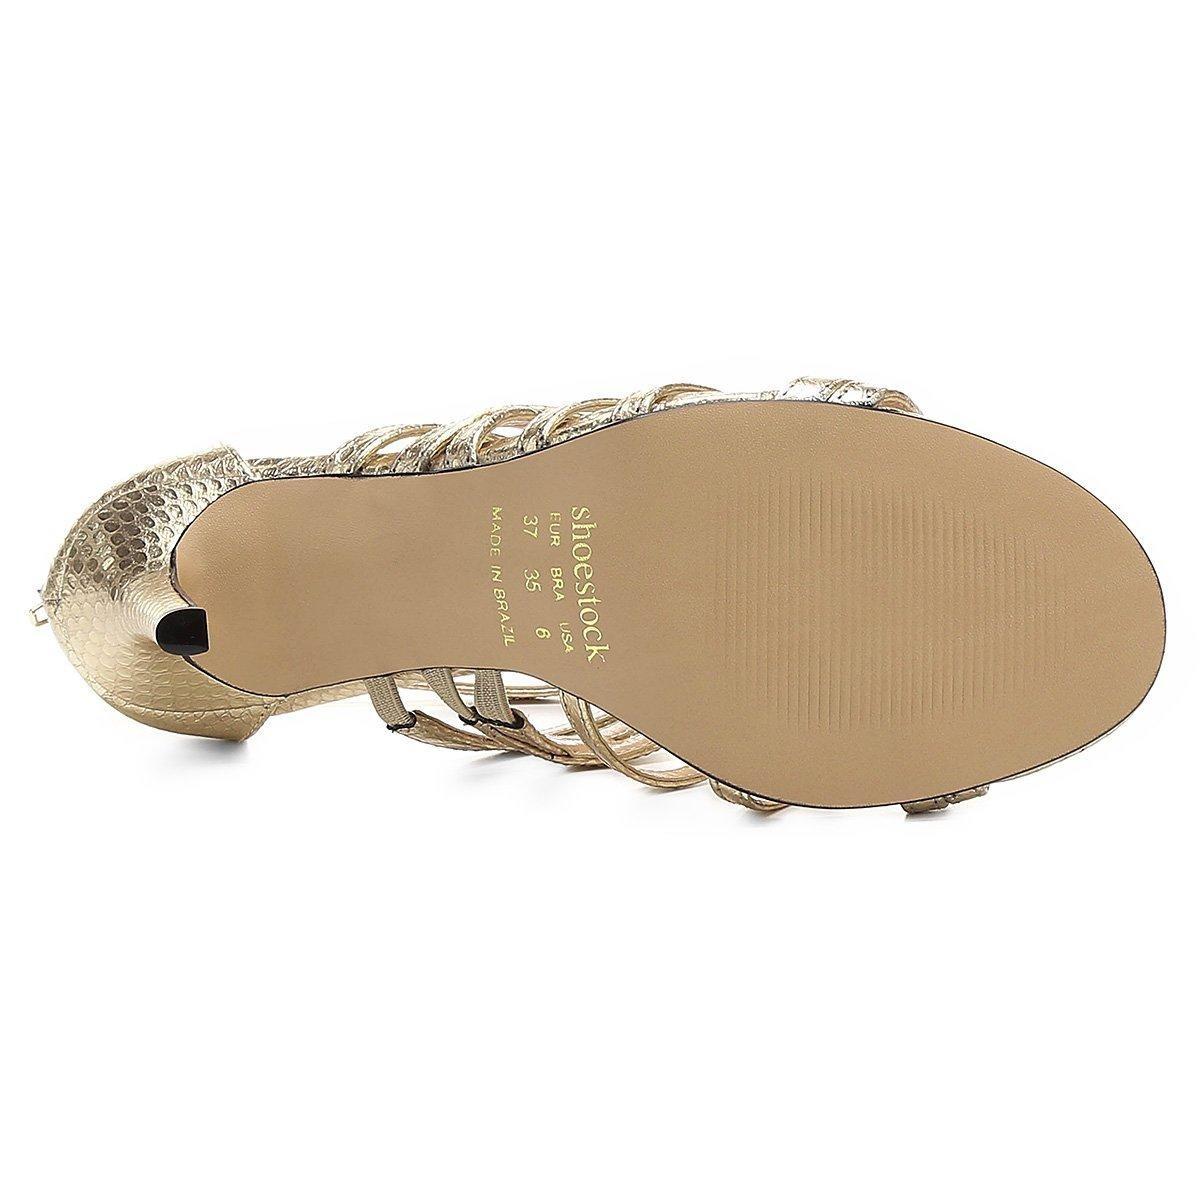 3d14965ca sandália shoestock festa recortes tiras snake feminina. Carregando zoom.